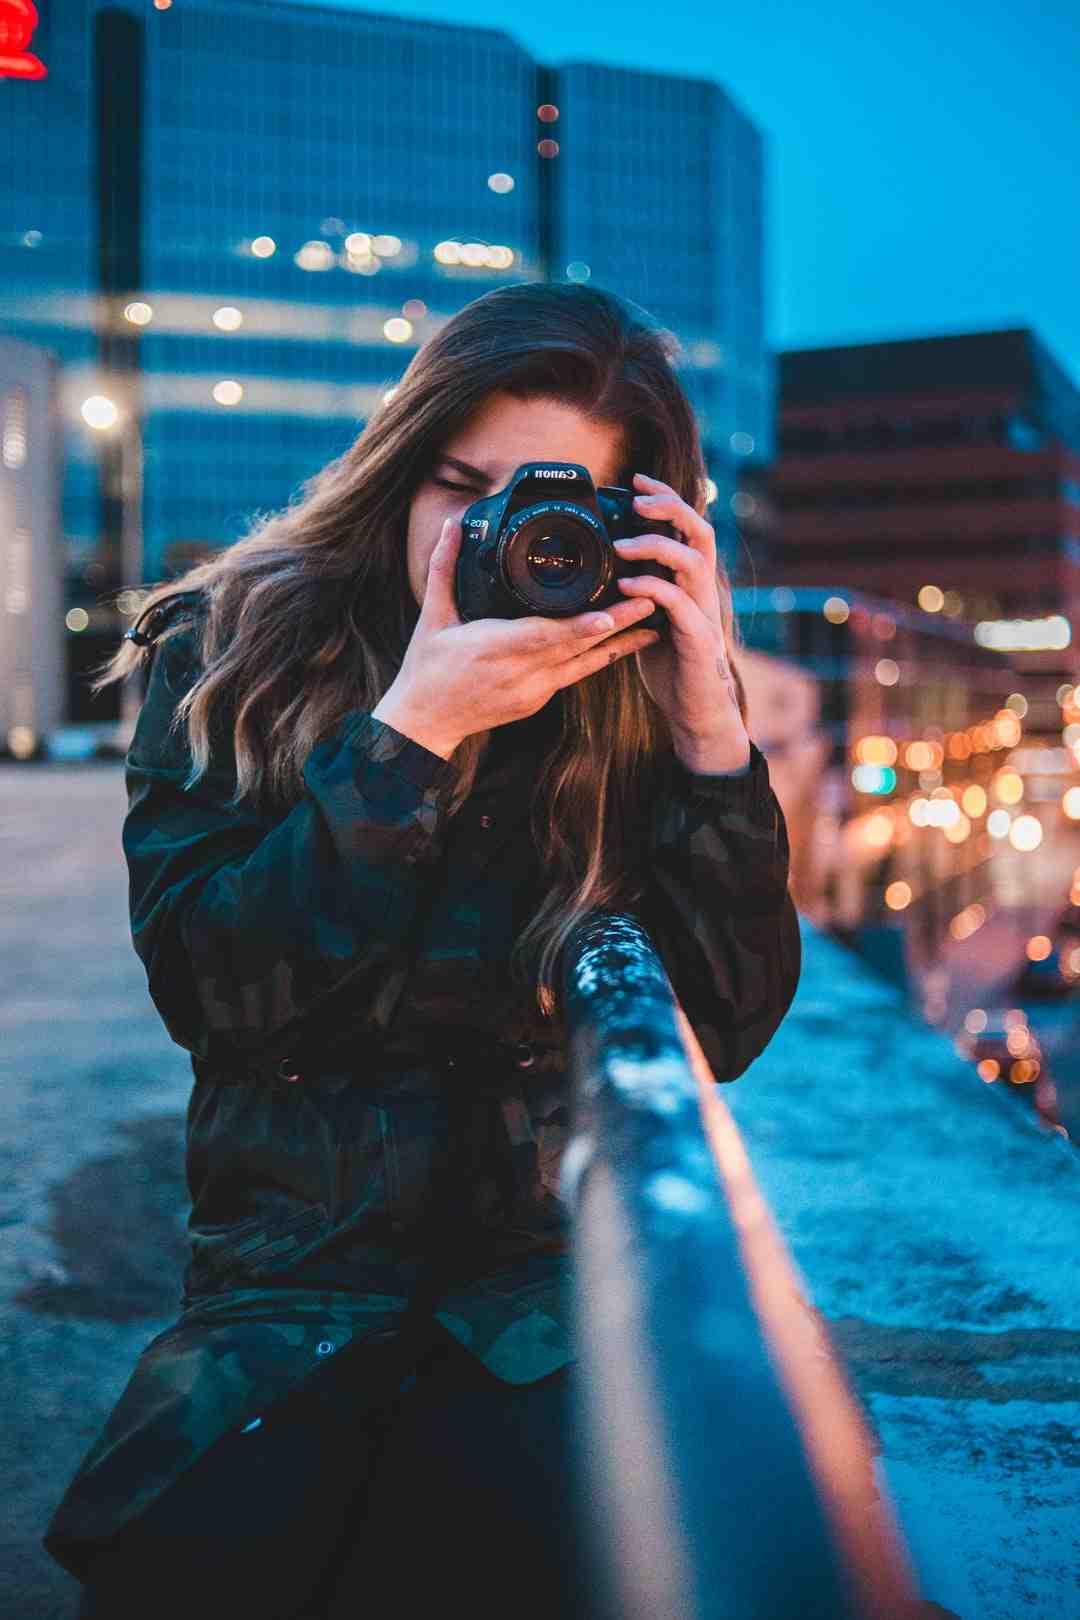 Comment ecrire sur une photo gratuitement ?